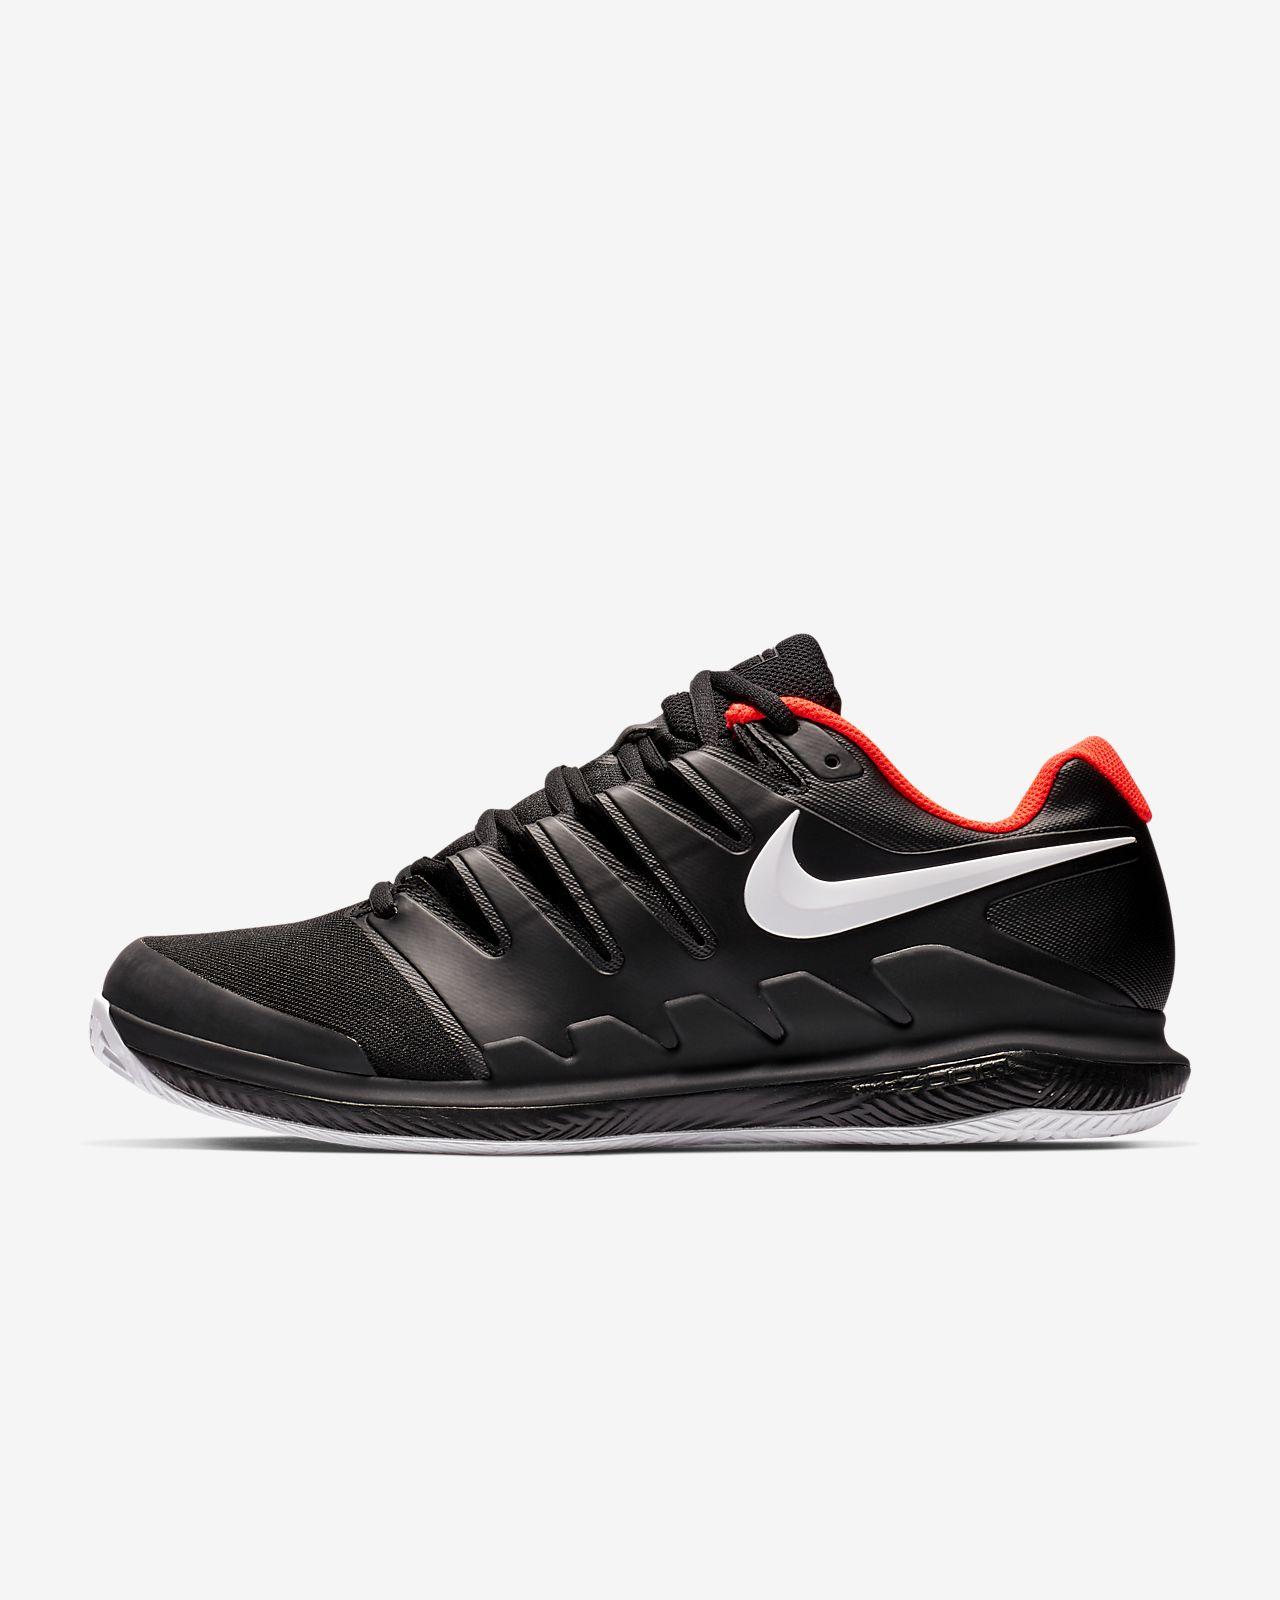 buy online 02301 6080d Nike Air Zoom Vapor X Clay Tennisschoen voor heren. Nike.com NL